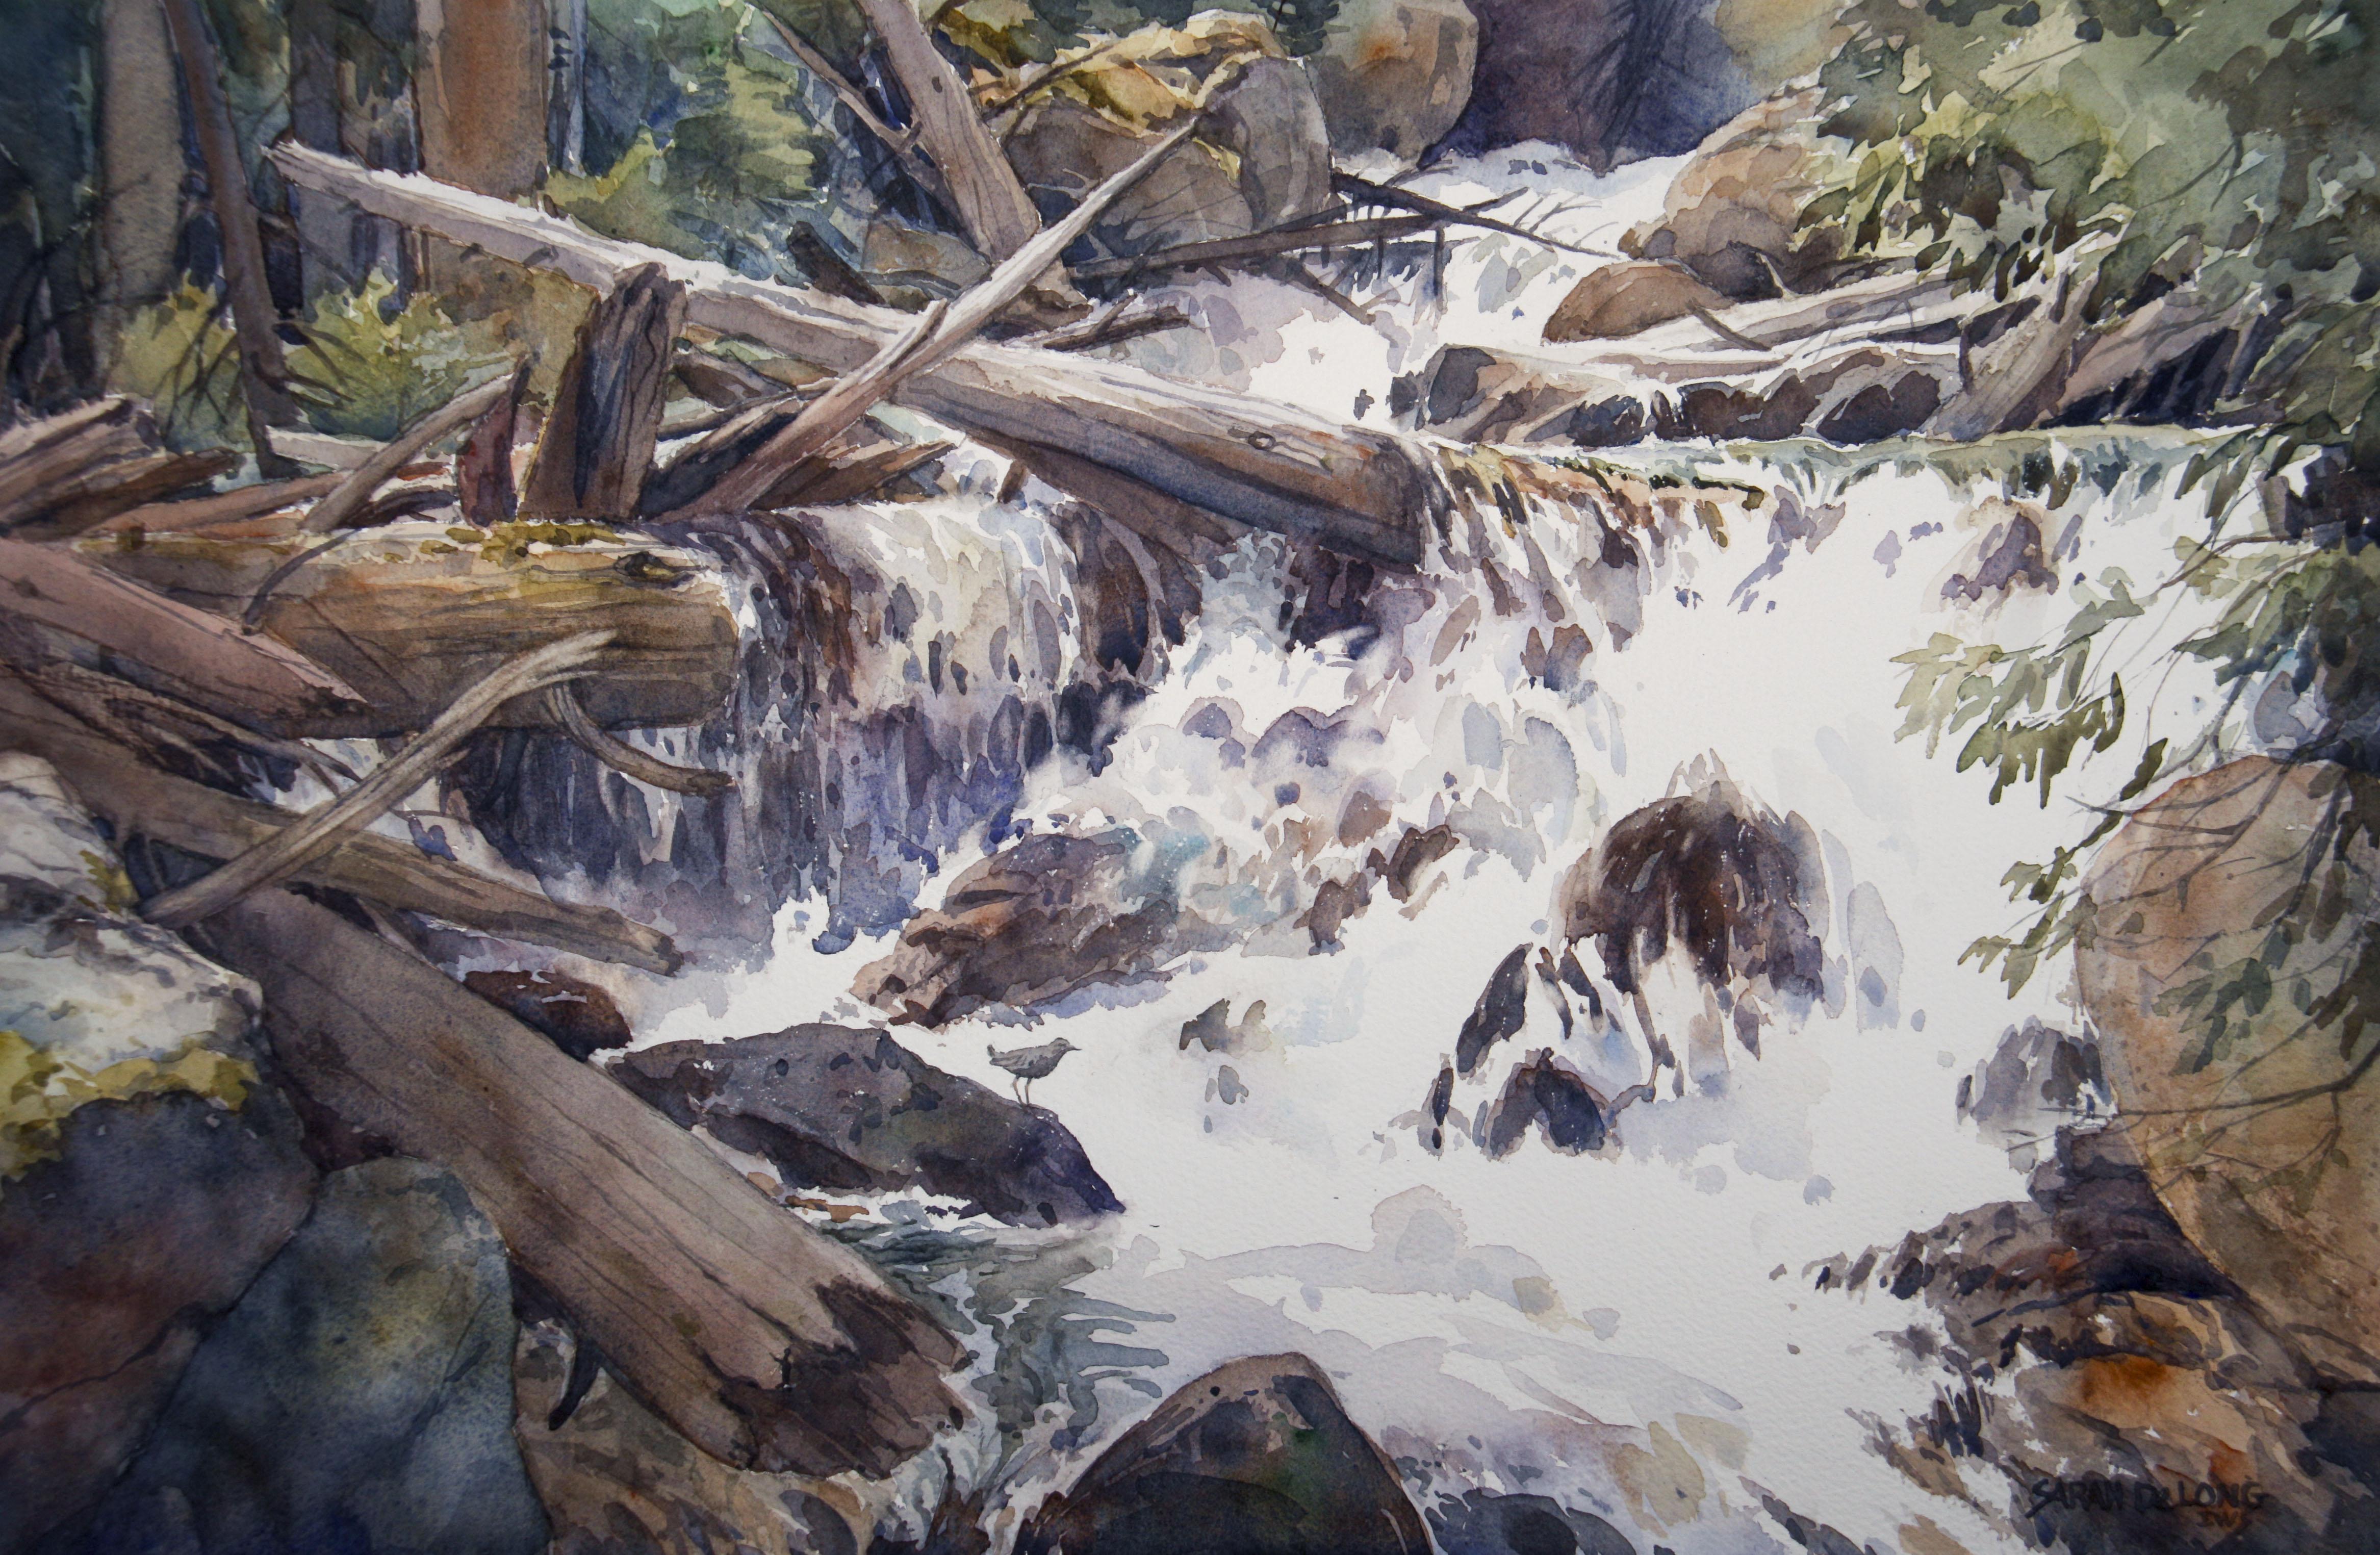 Colorado Stream and Dipper